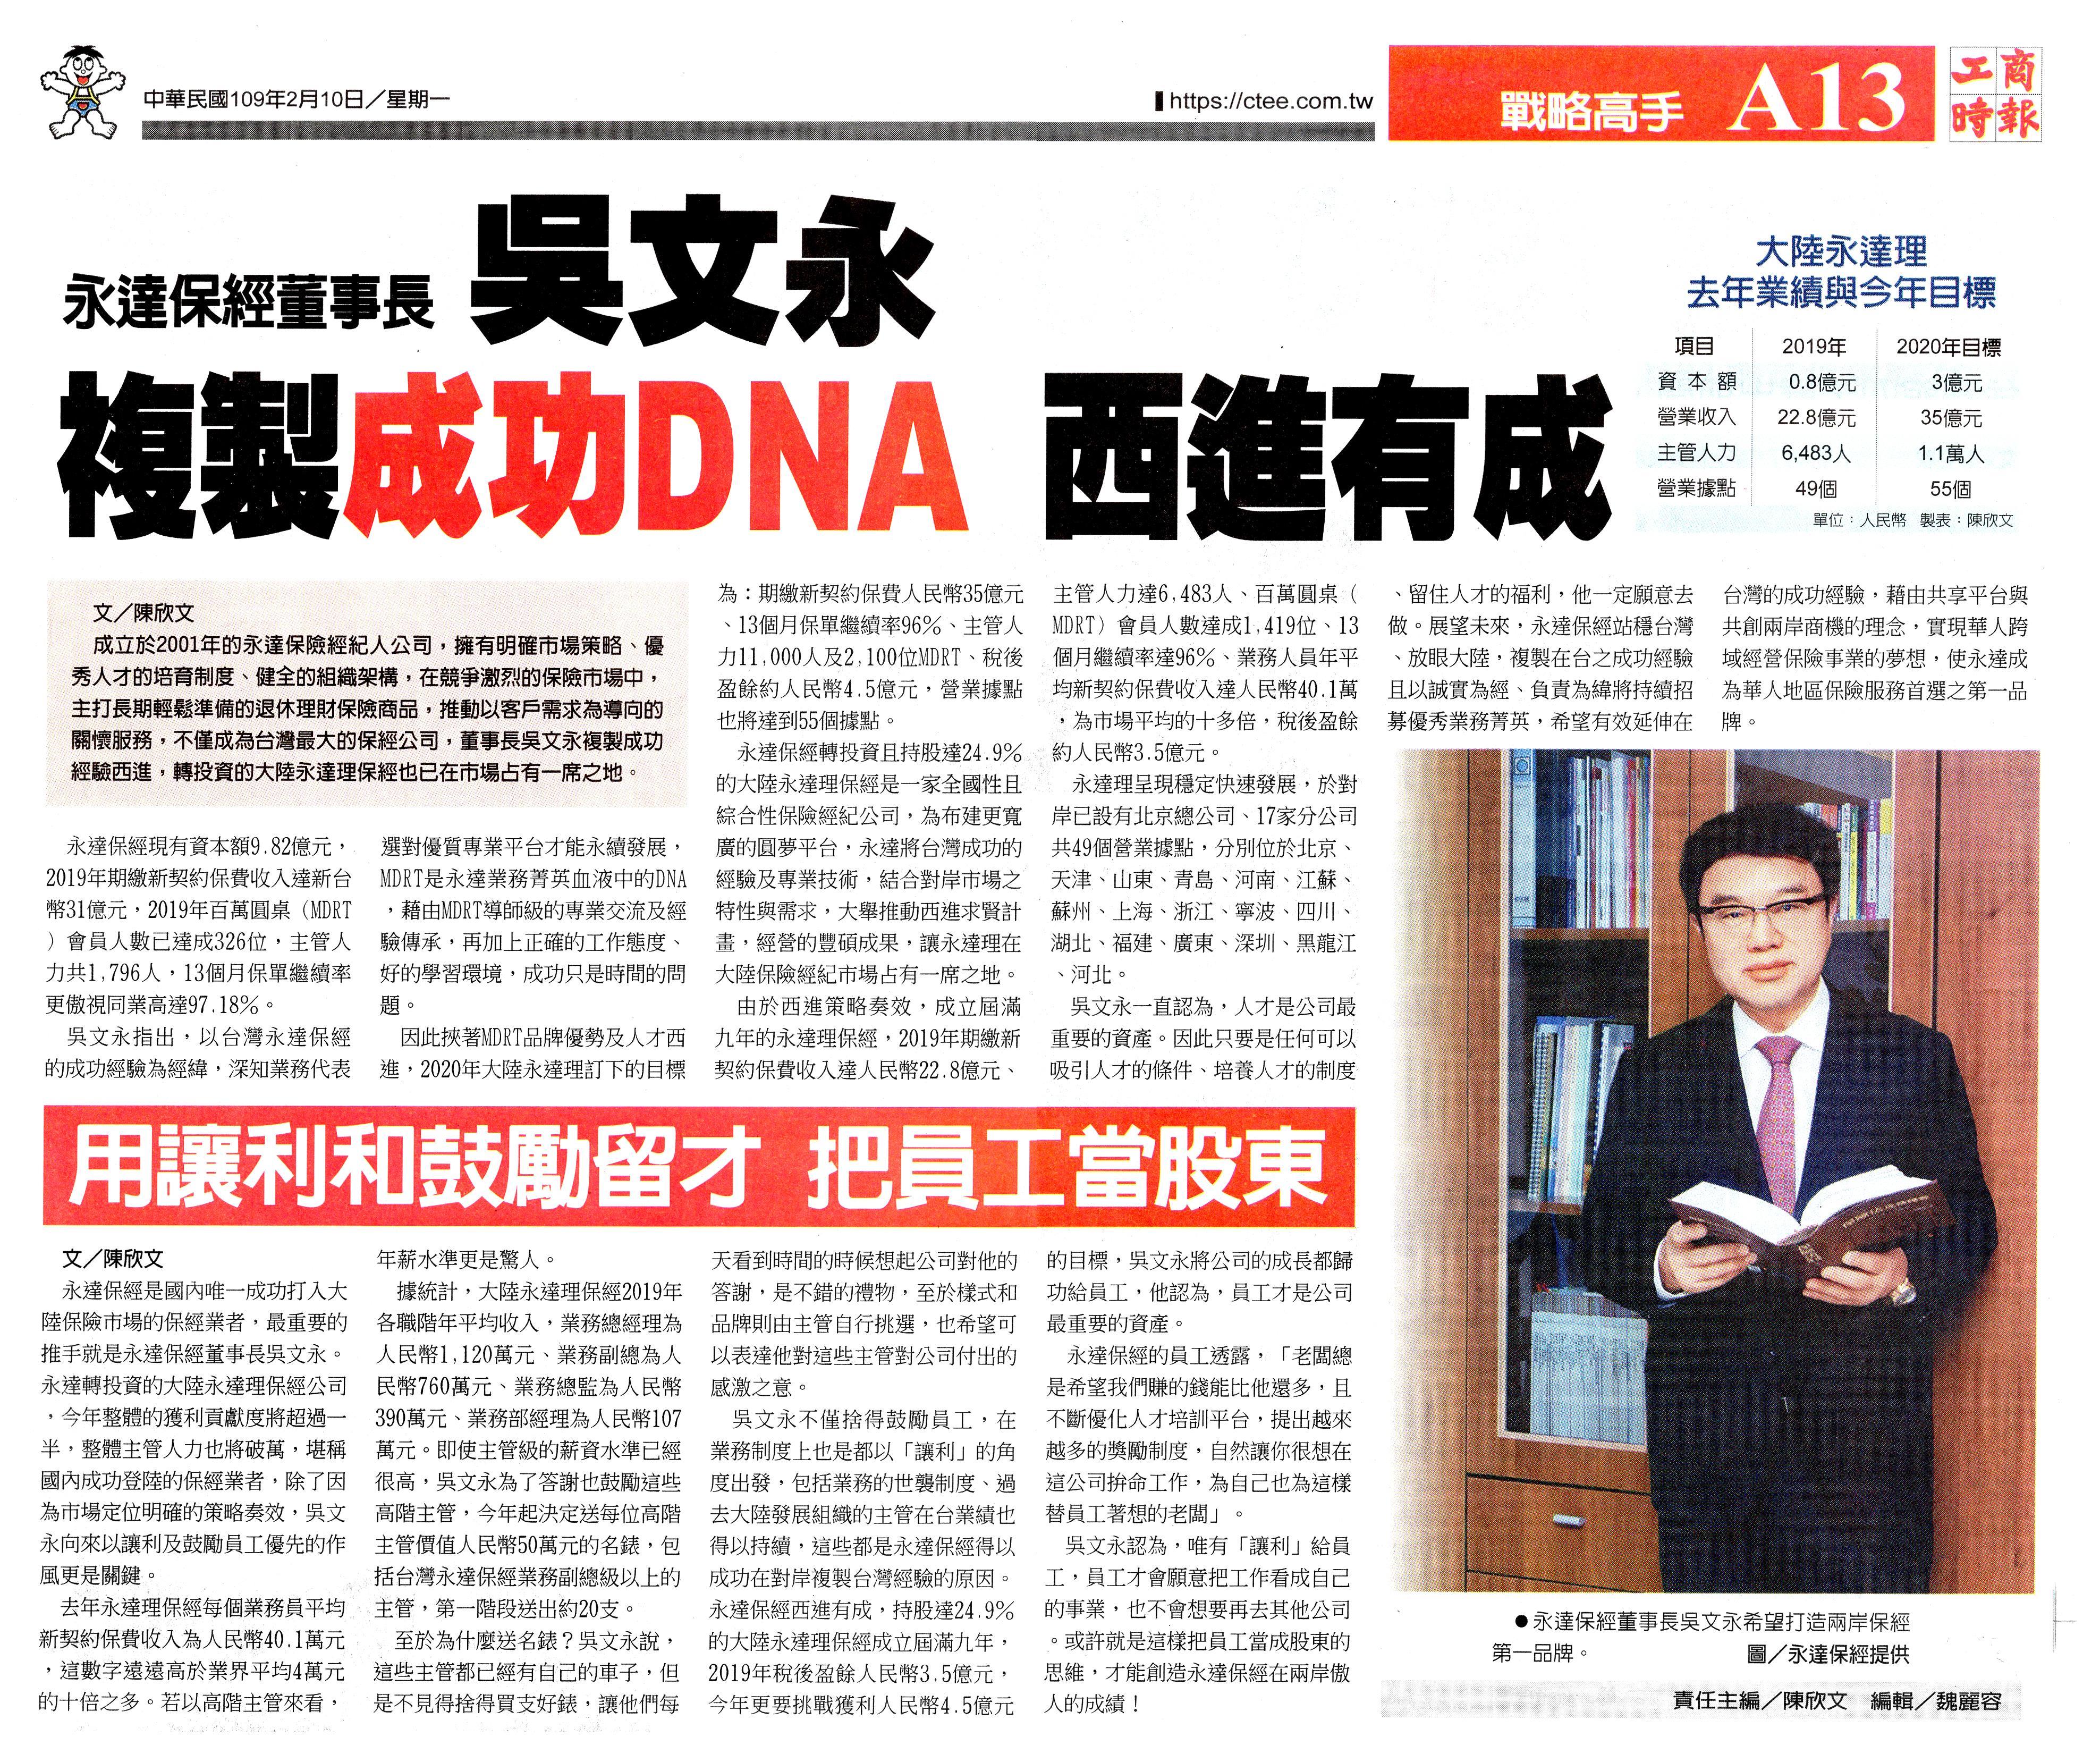 永達保經董事長 吳文永 複製成功DNA 西進有成 報導圖檔